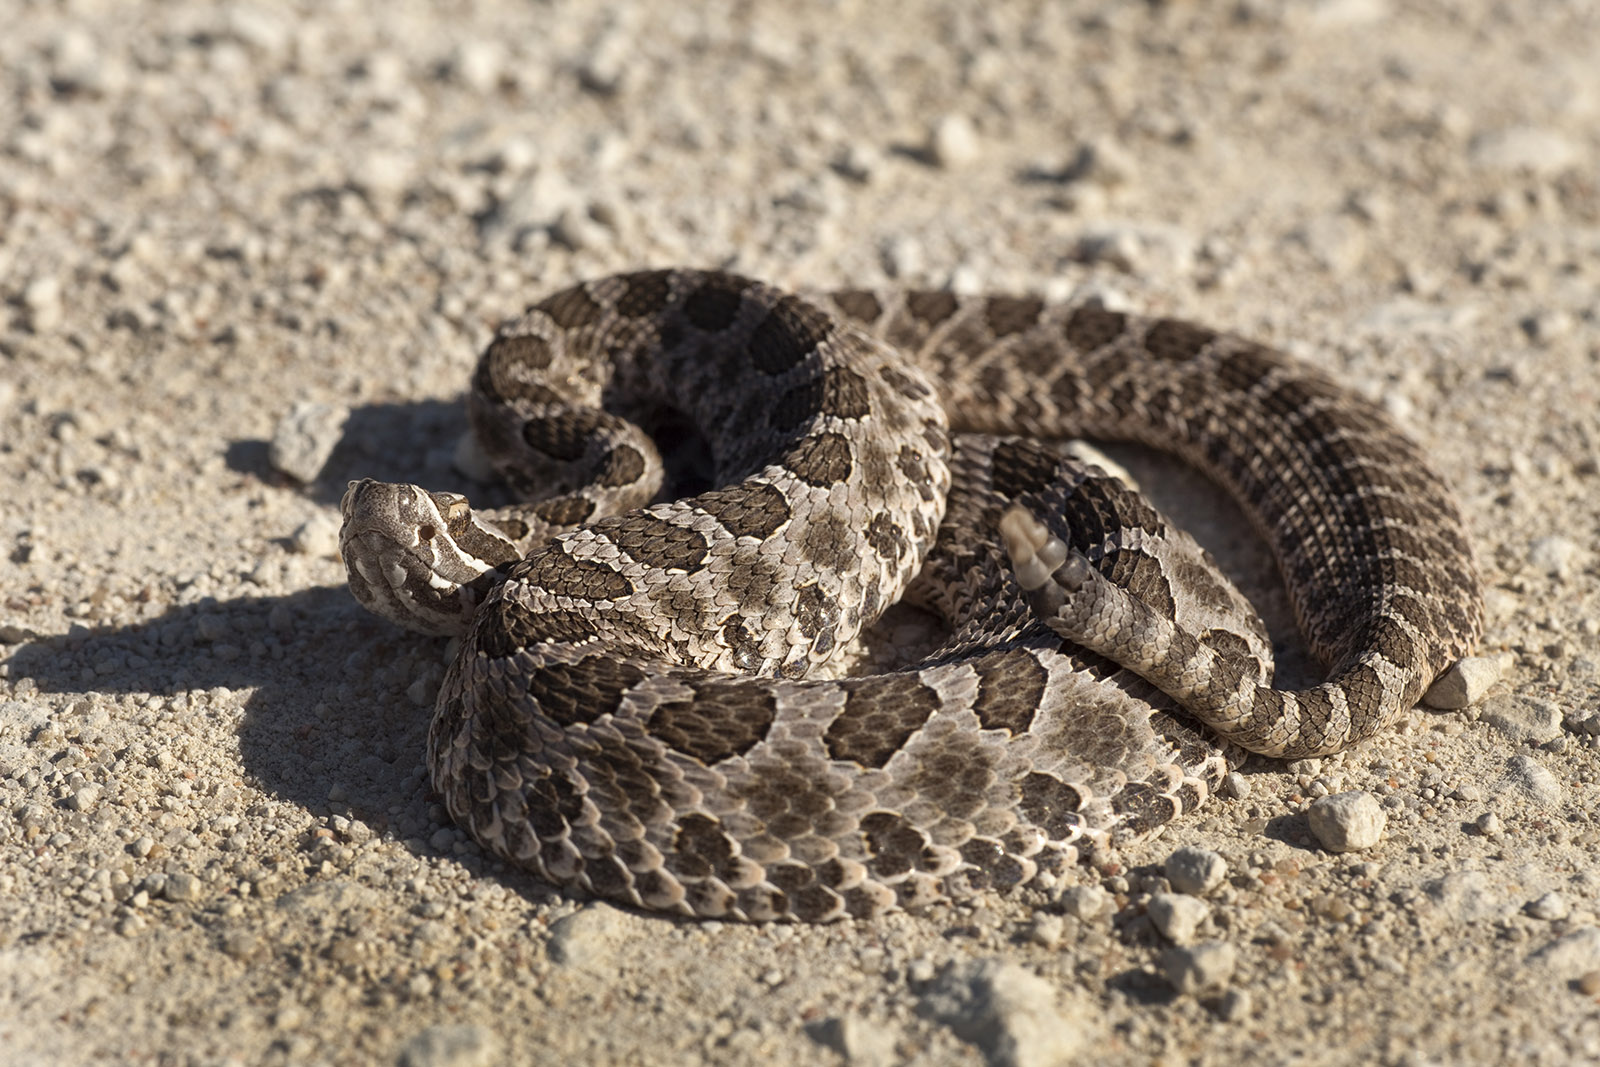 Massasauga rattlesnake Quivira National Wildlife Refuge Kansas